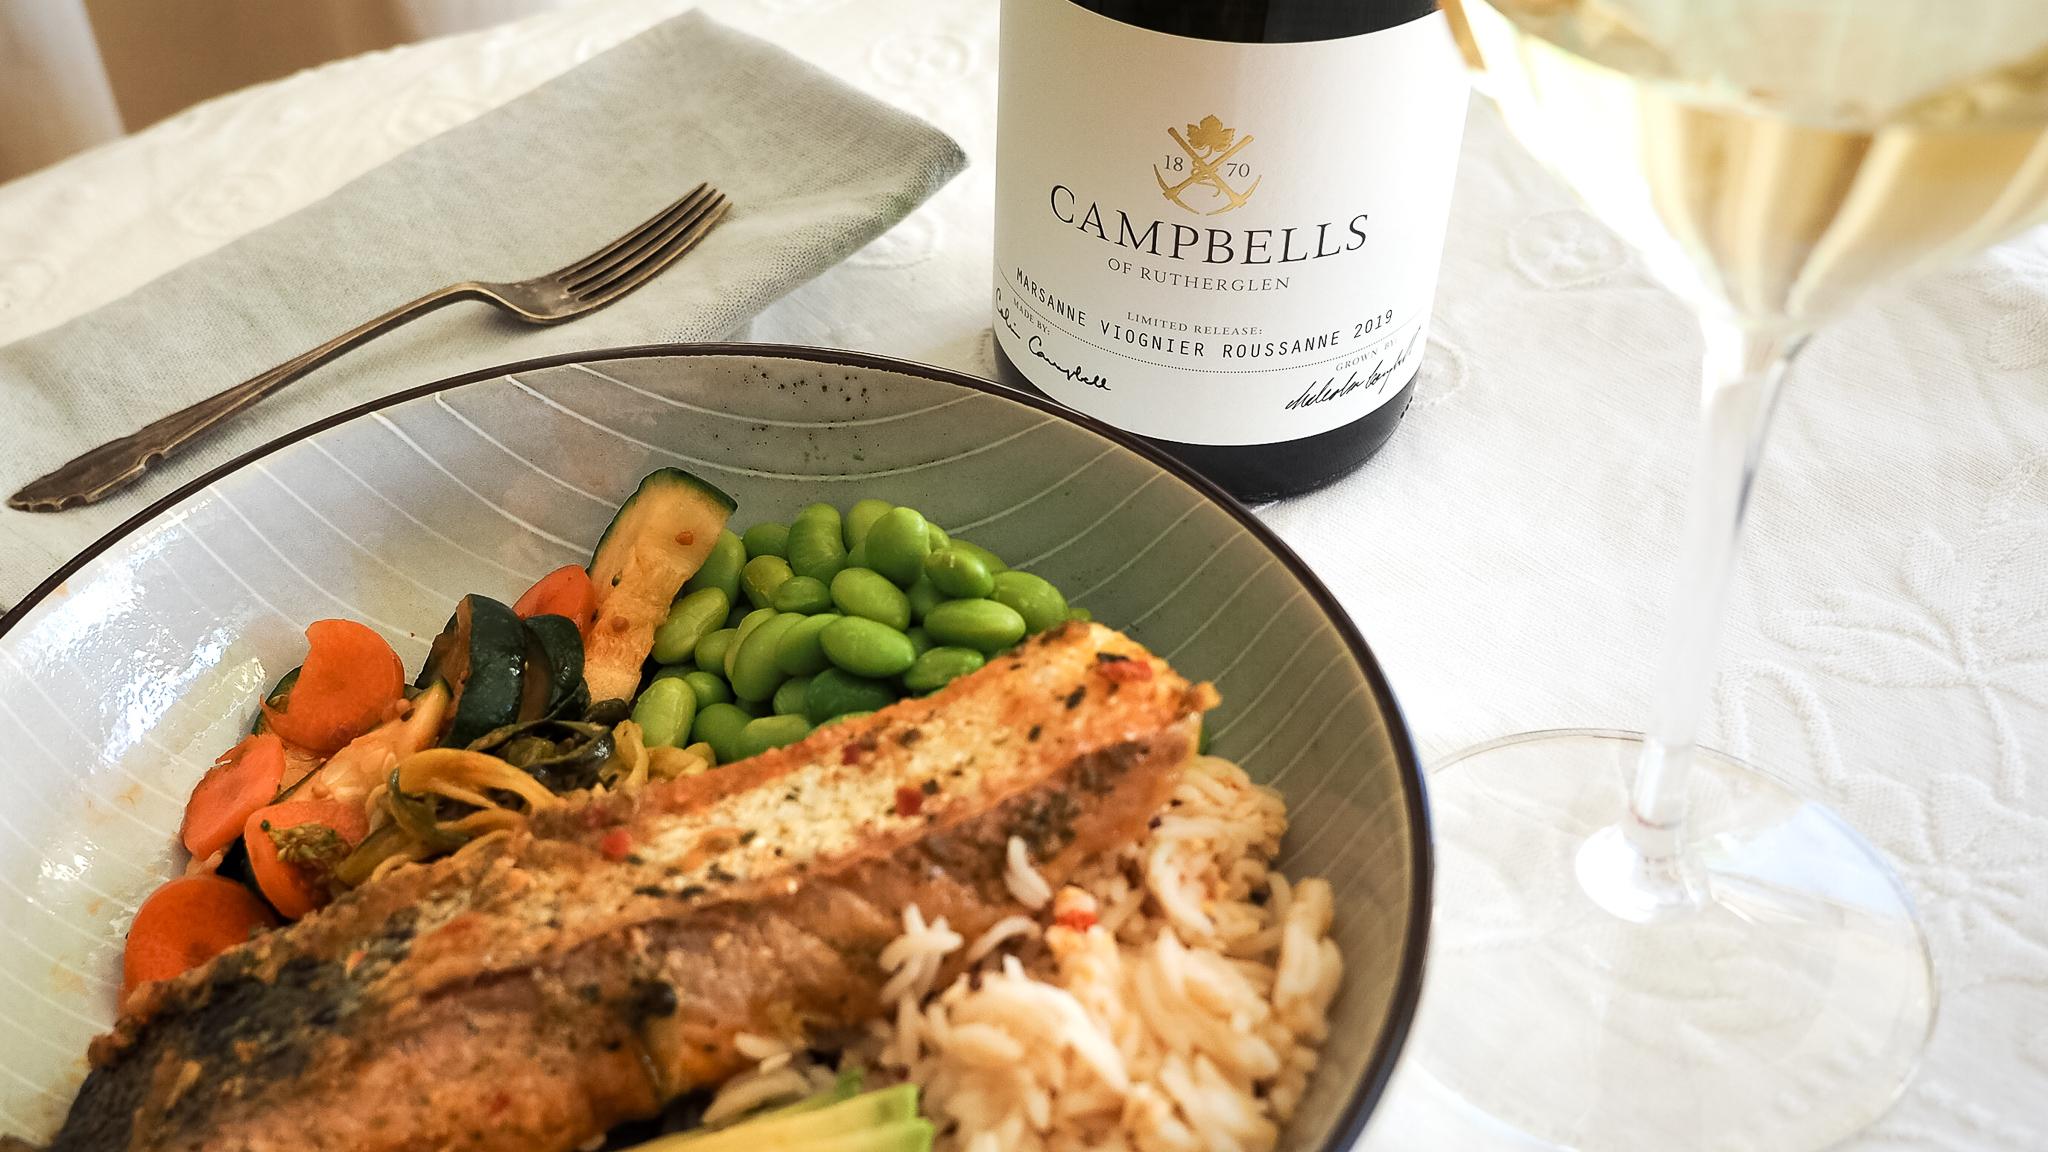 campbells wines recipe | marsanne viognier roussanne